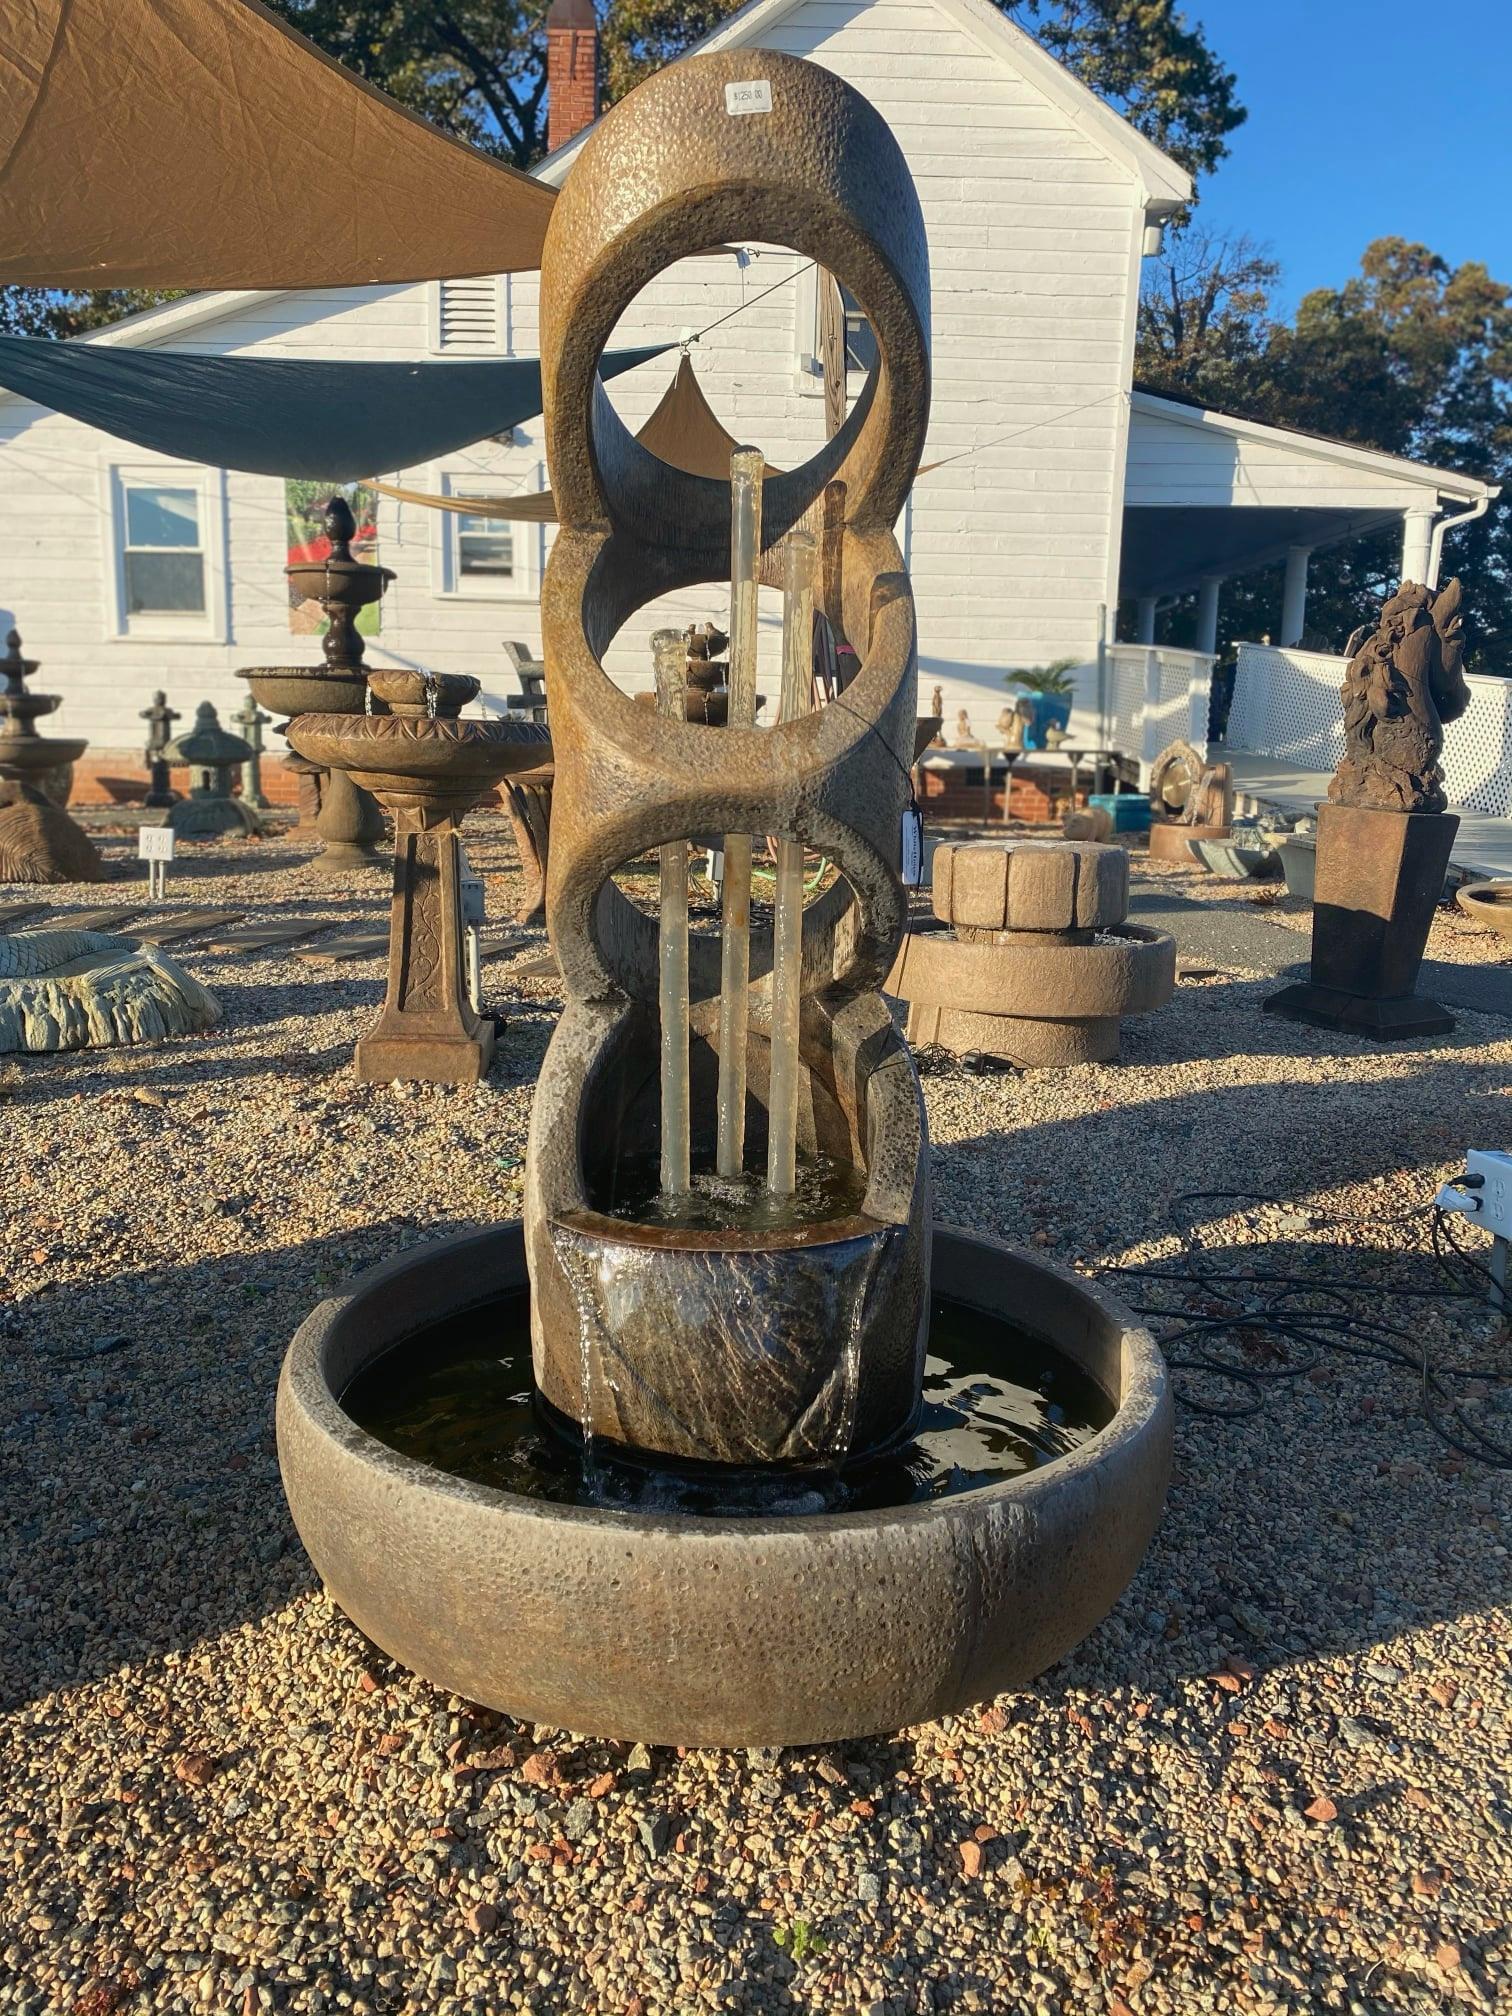 Balancing Rings, Original: $1495, SALE: $850.